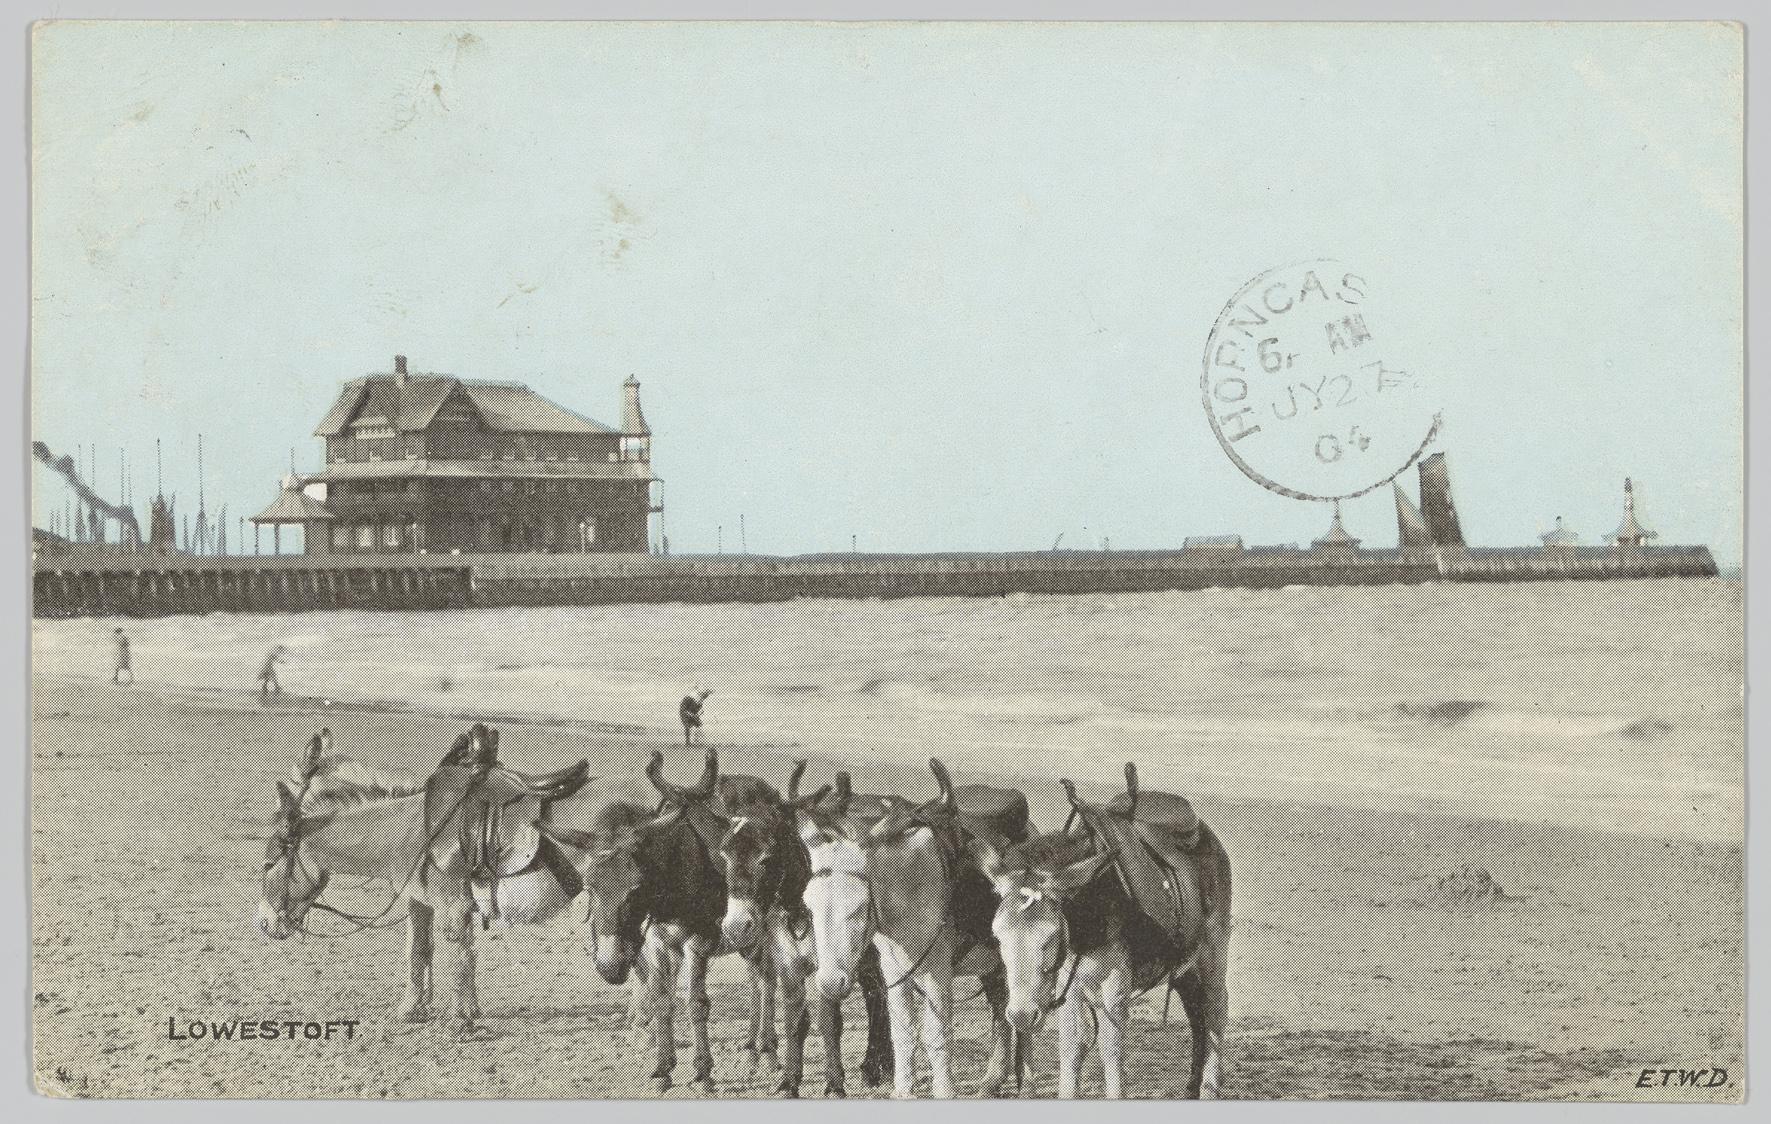 Lowestoft Donkey Postcard, 1904, PH64Y/01a